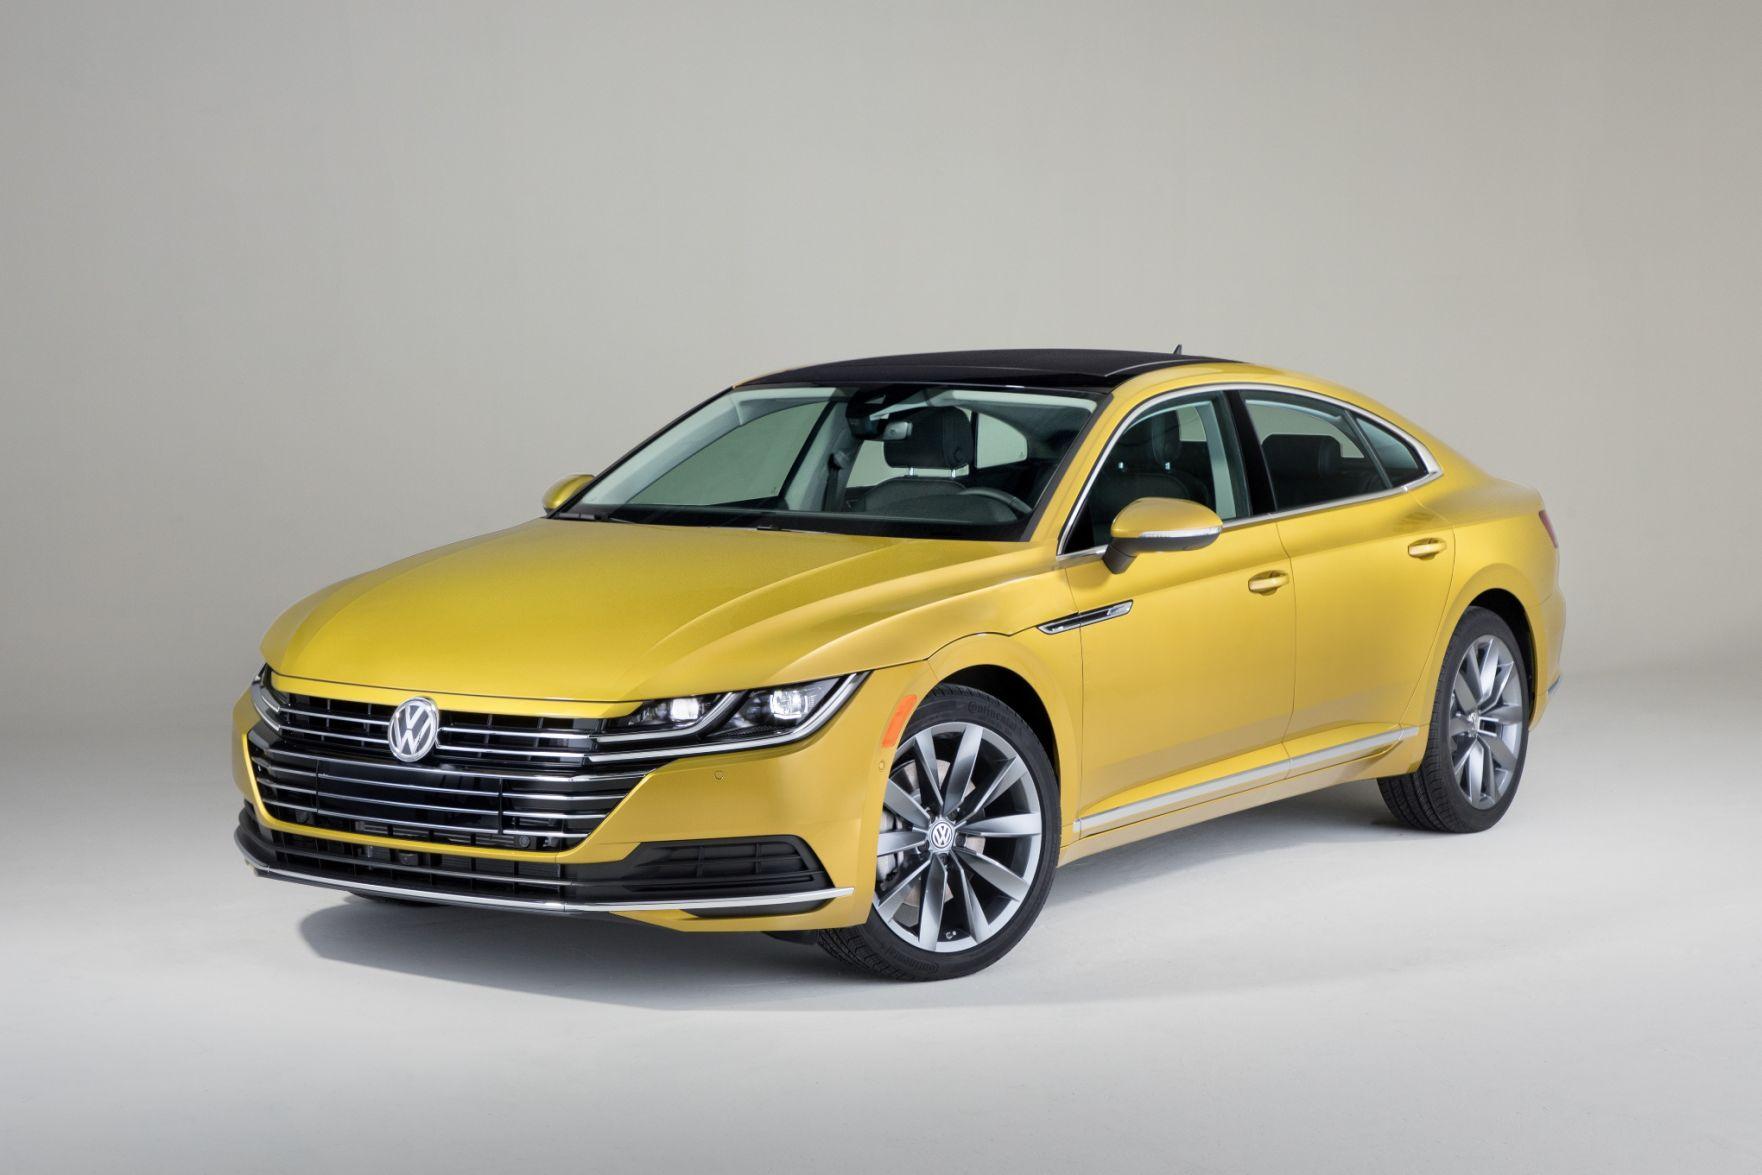 New Volkswagen models (Volkswagen) 2019 model year 86